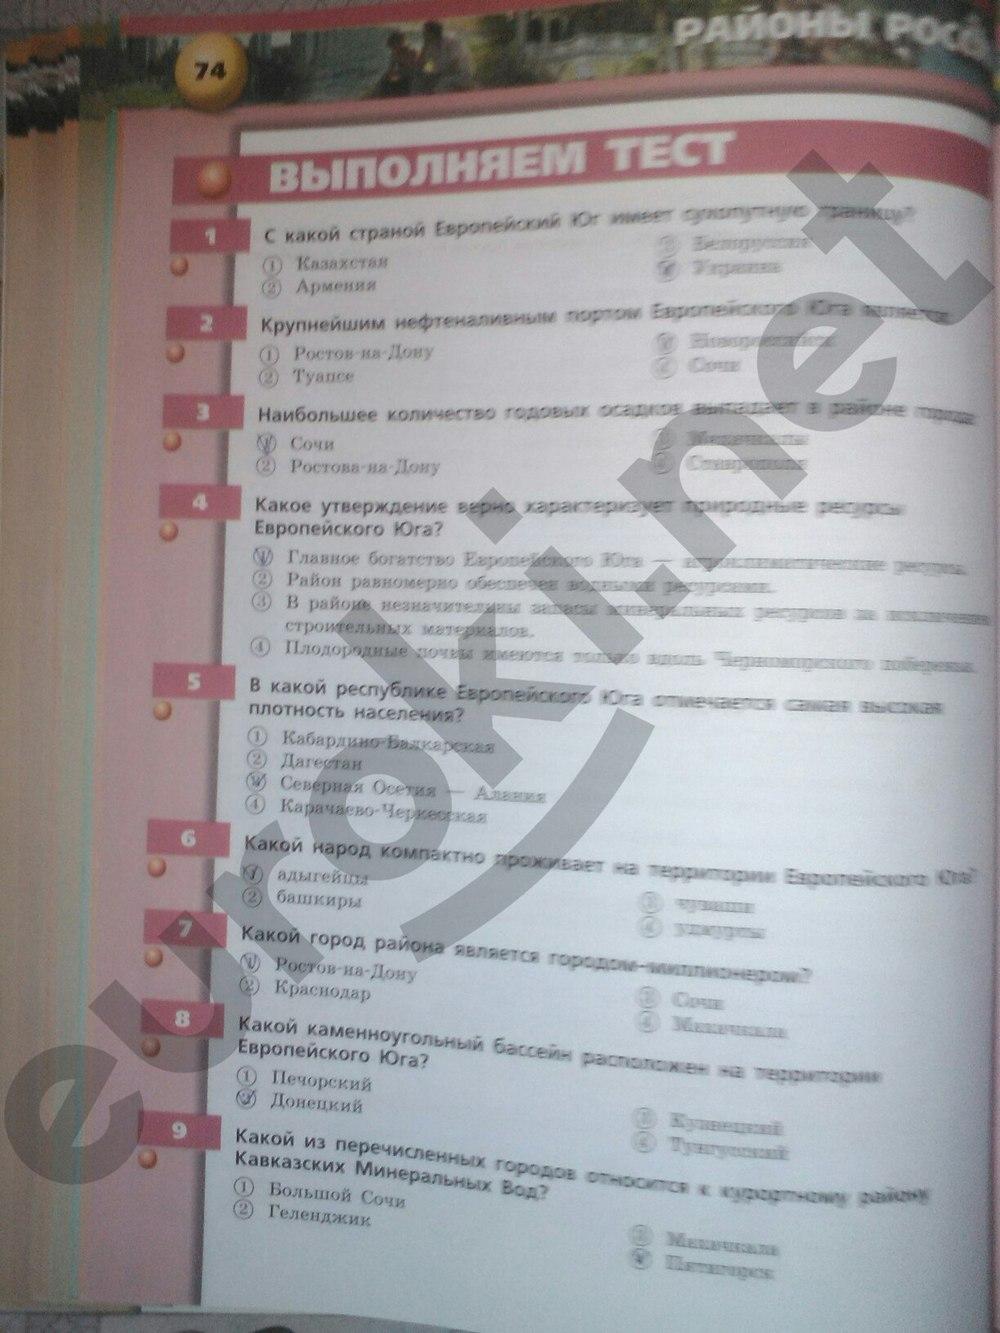 ГДЗ по географии 9 класс тетрадь тренажёр Ходова, Ольховая. Задание: стр. 74